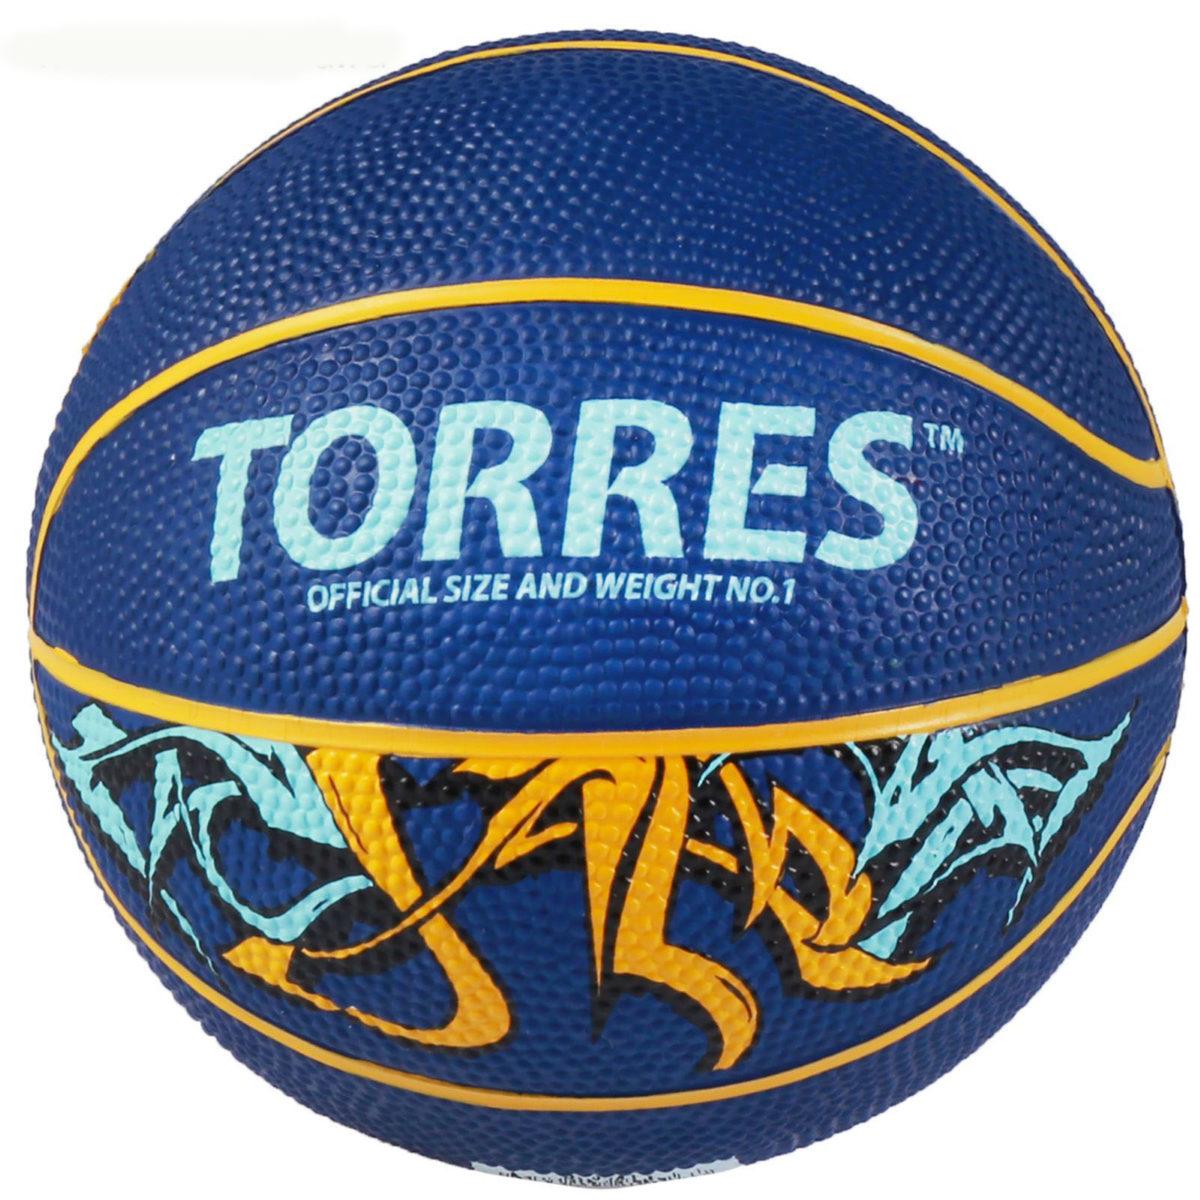 TORRES Jam мяч баскетбольный - 1